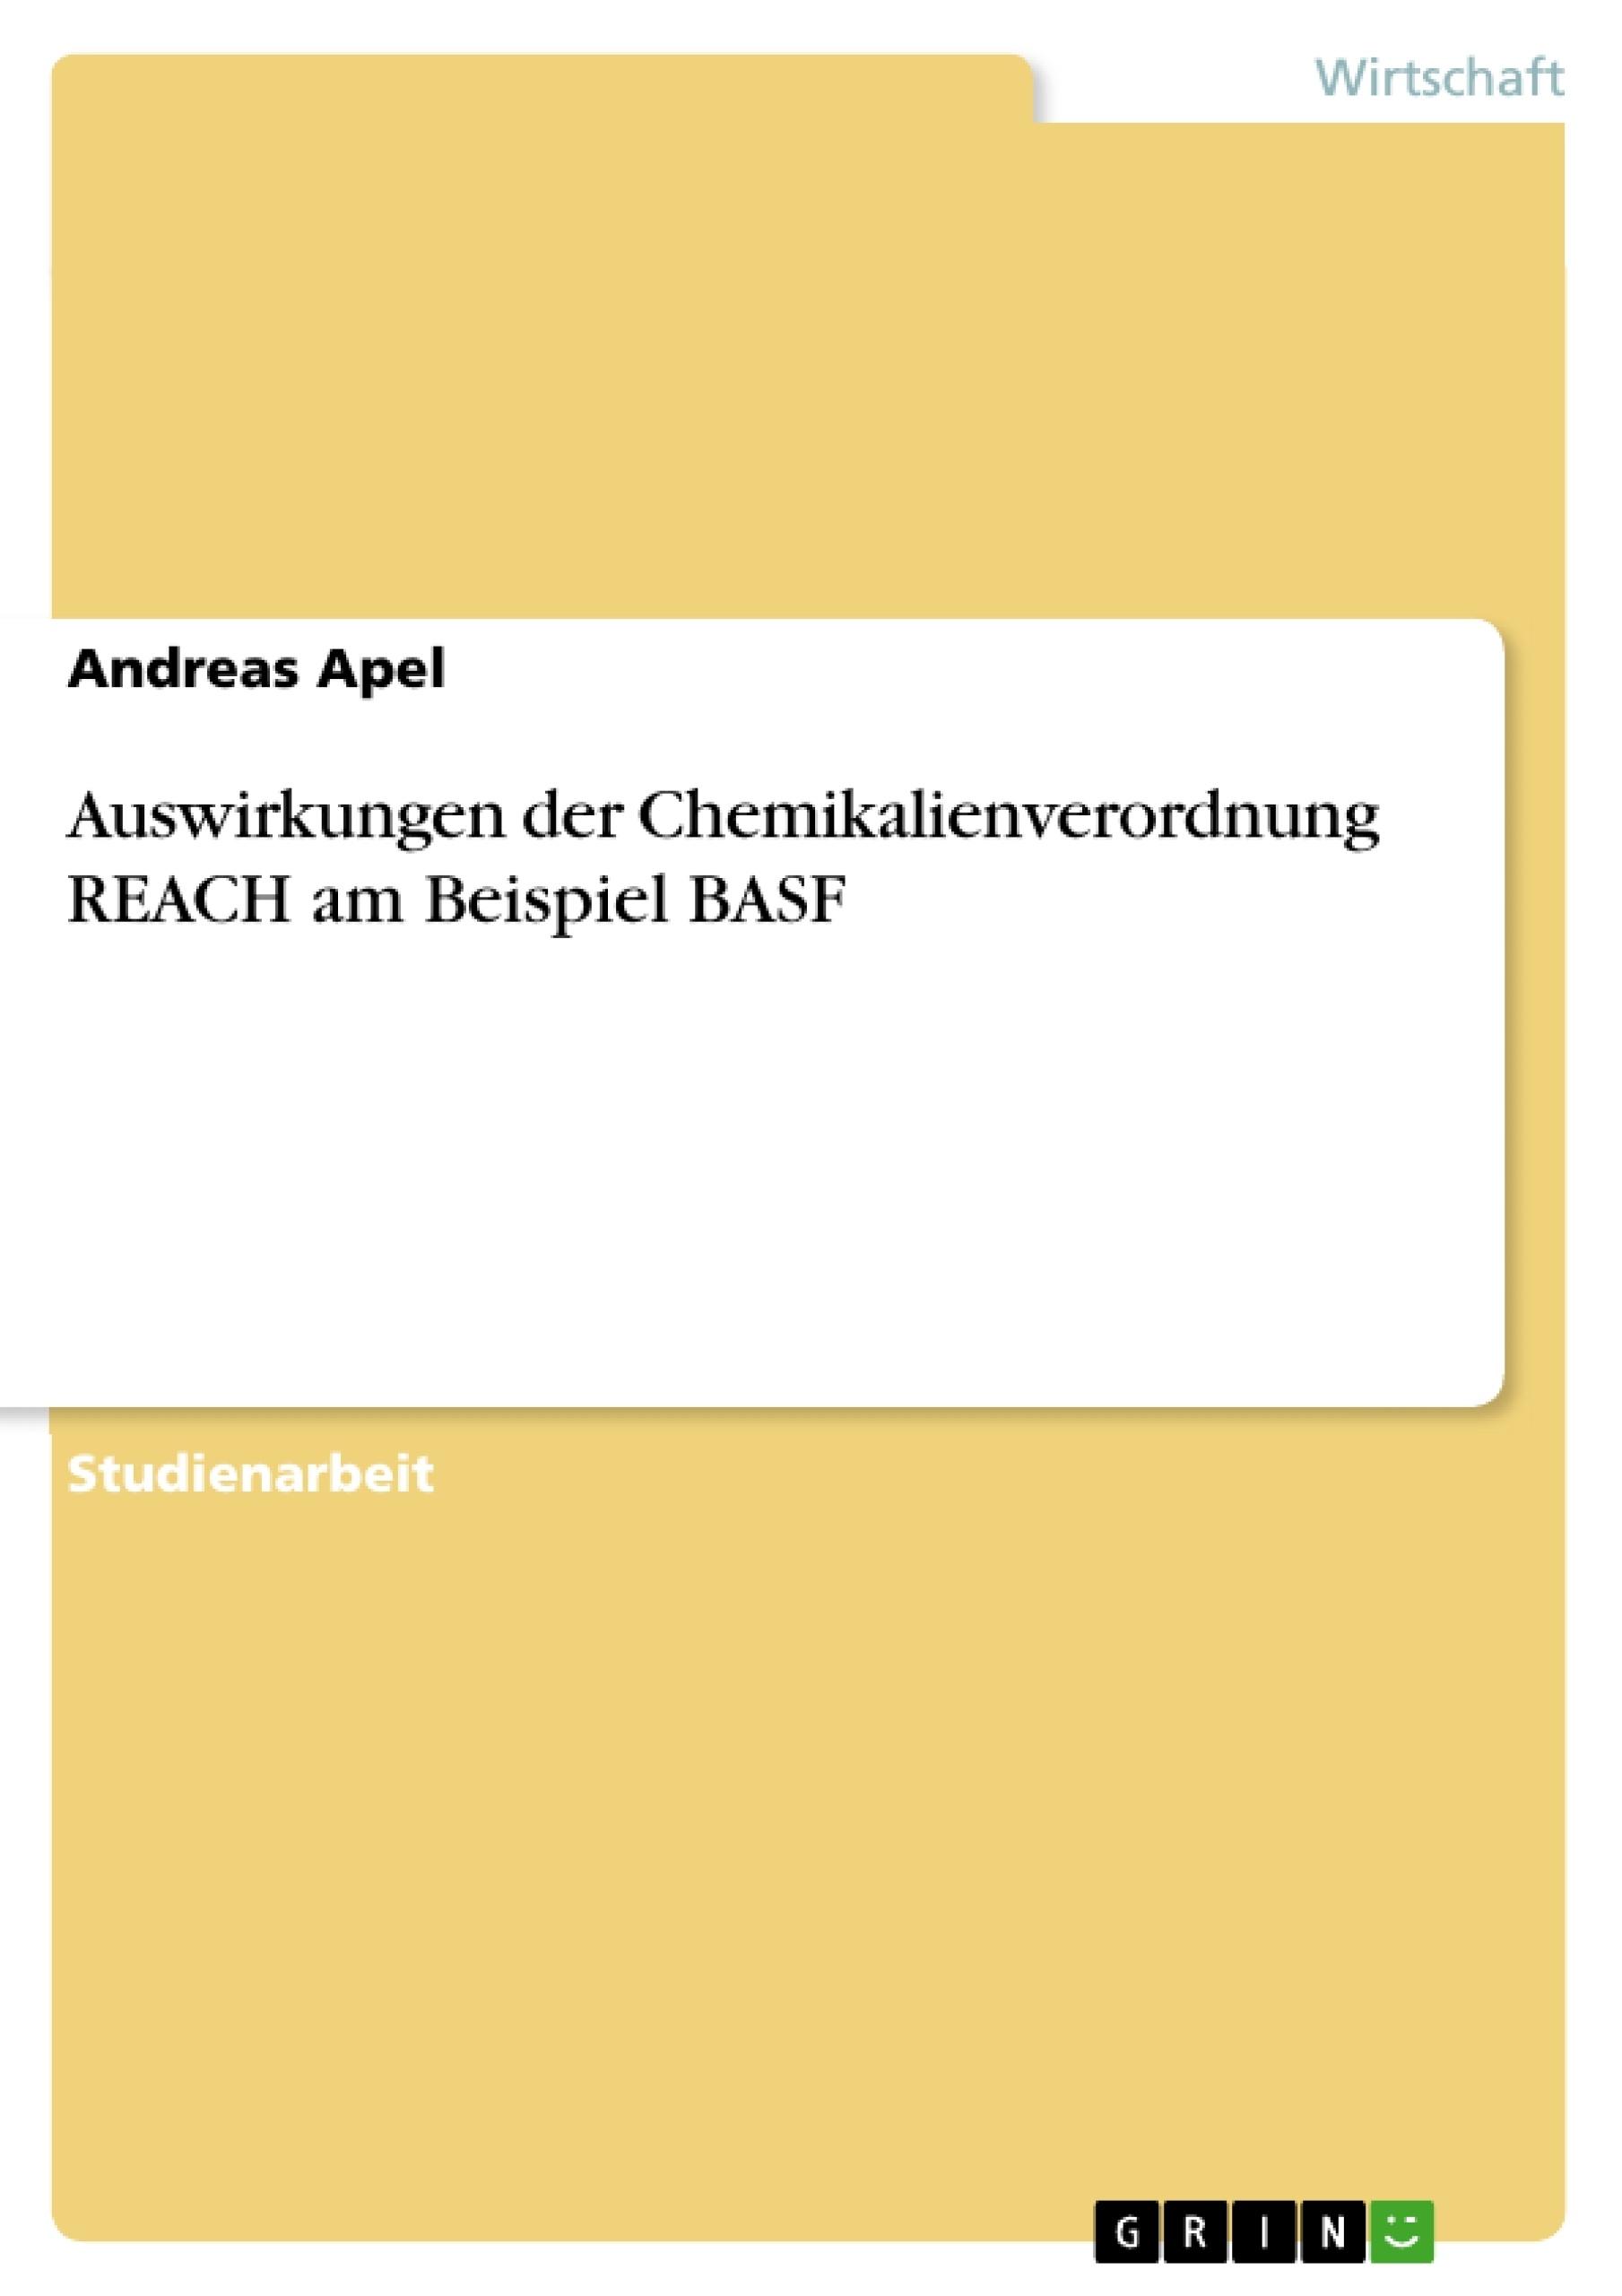 Titel: Auswirkungen der Chemikalienverordnung REACH am Beispiel BASF